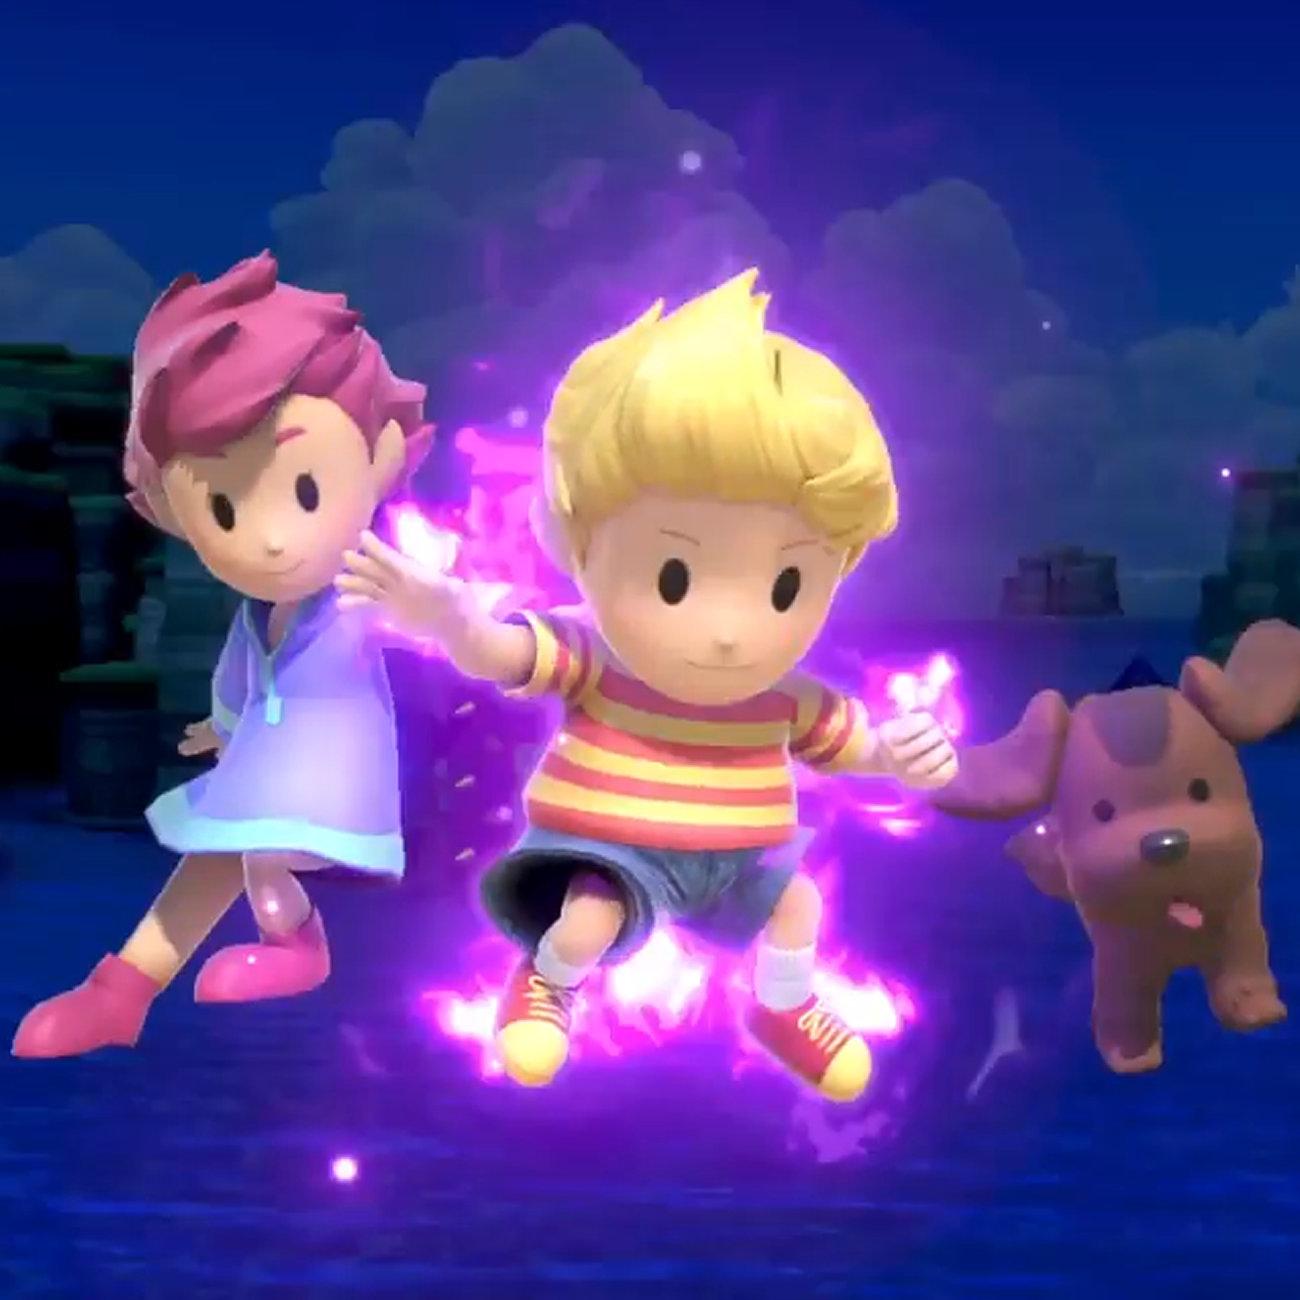 任天堂 E3 2018まとめ。スマブラ新情報は少ない